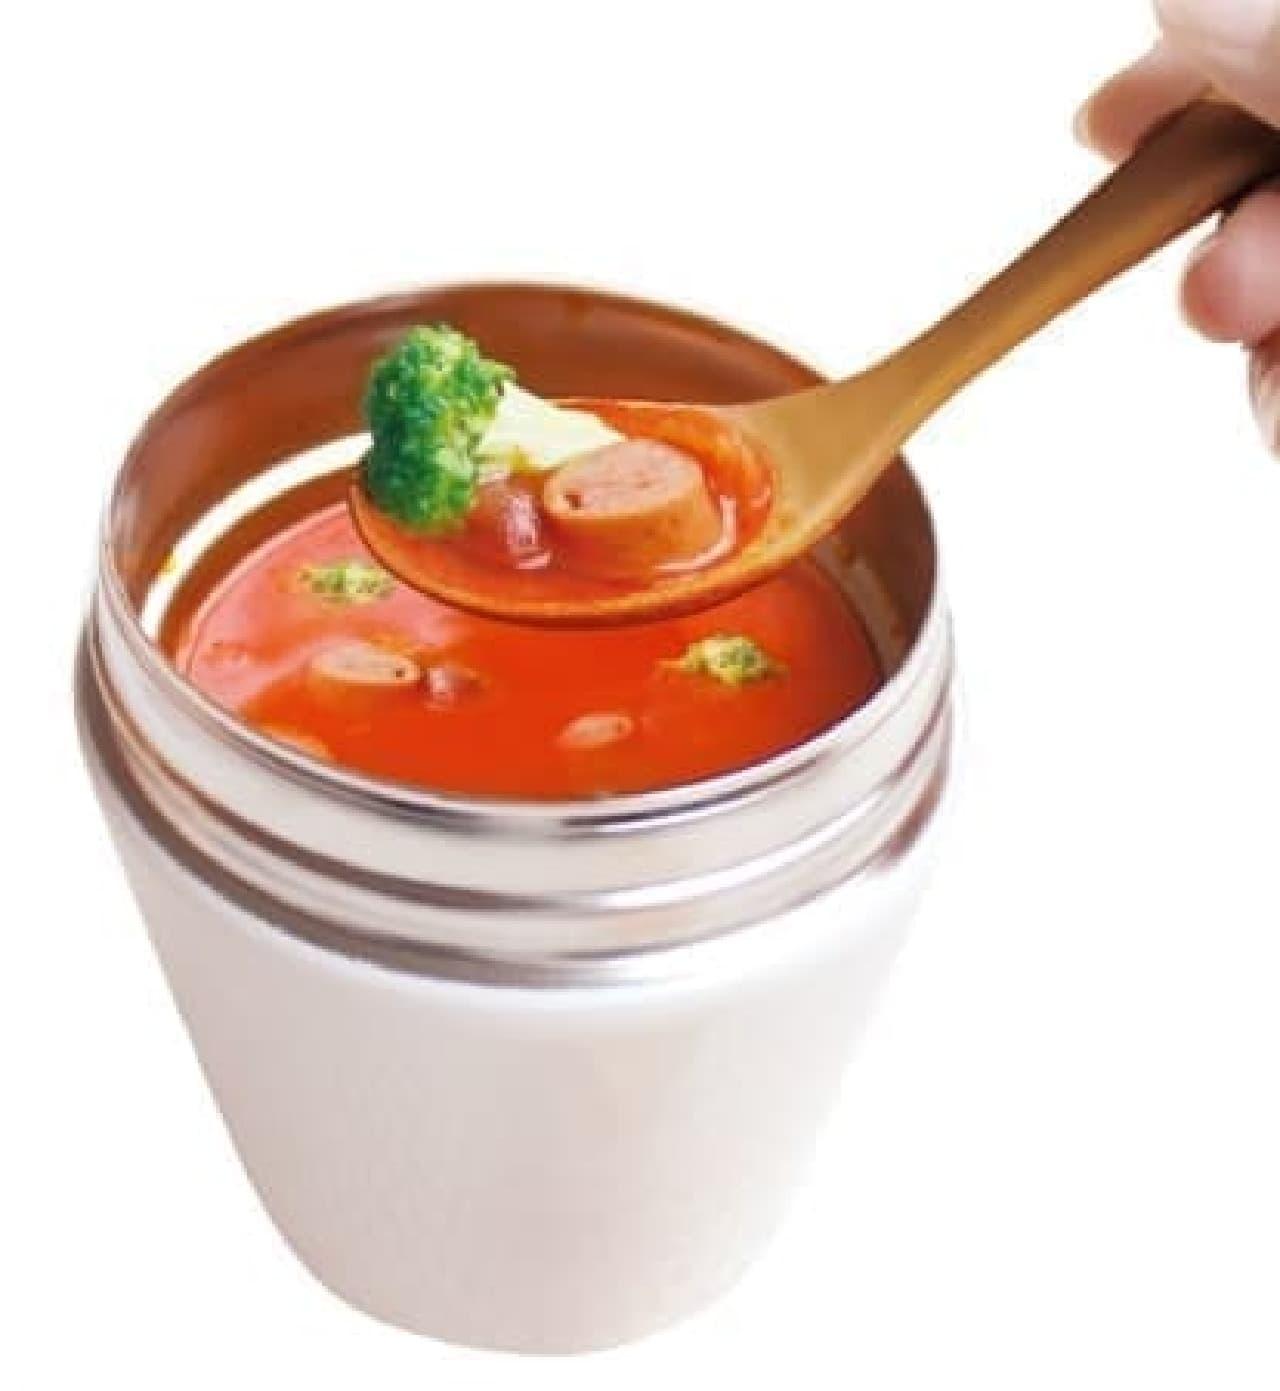 スープジャーのためのランチスプーン ロング